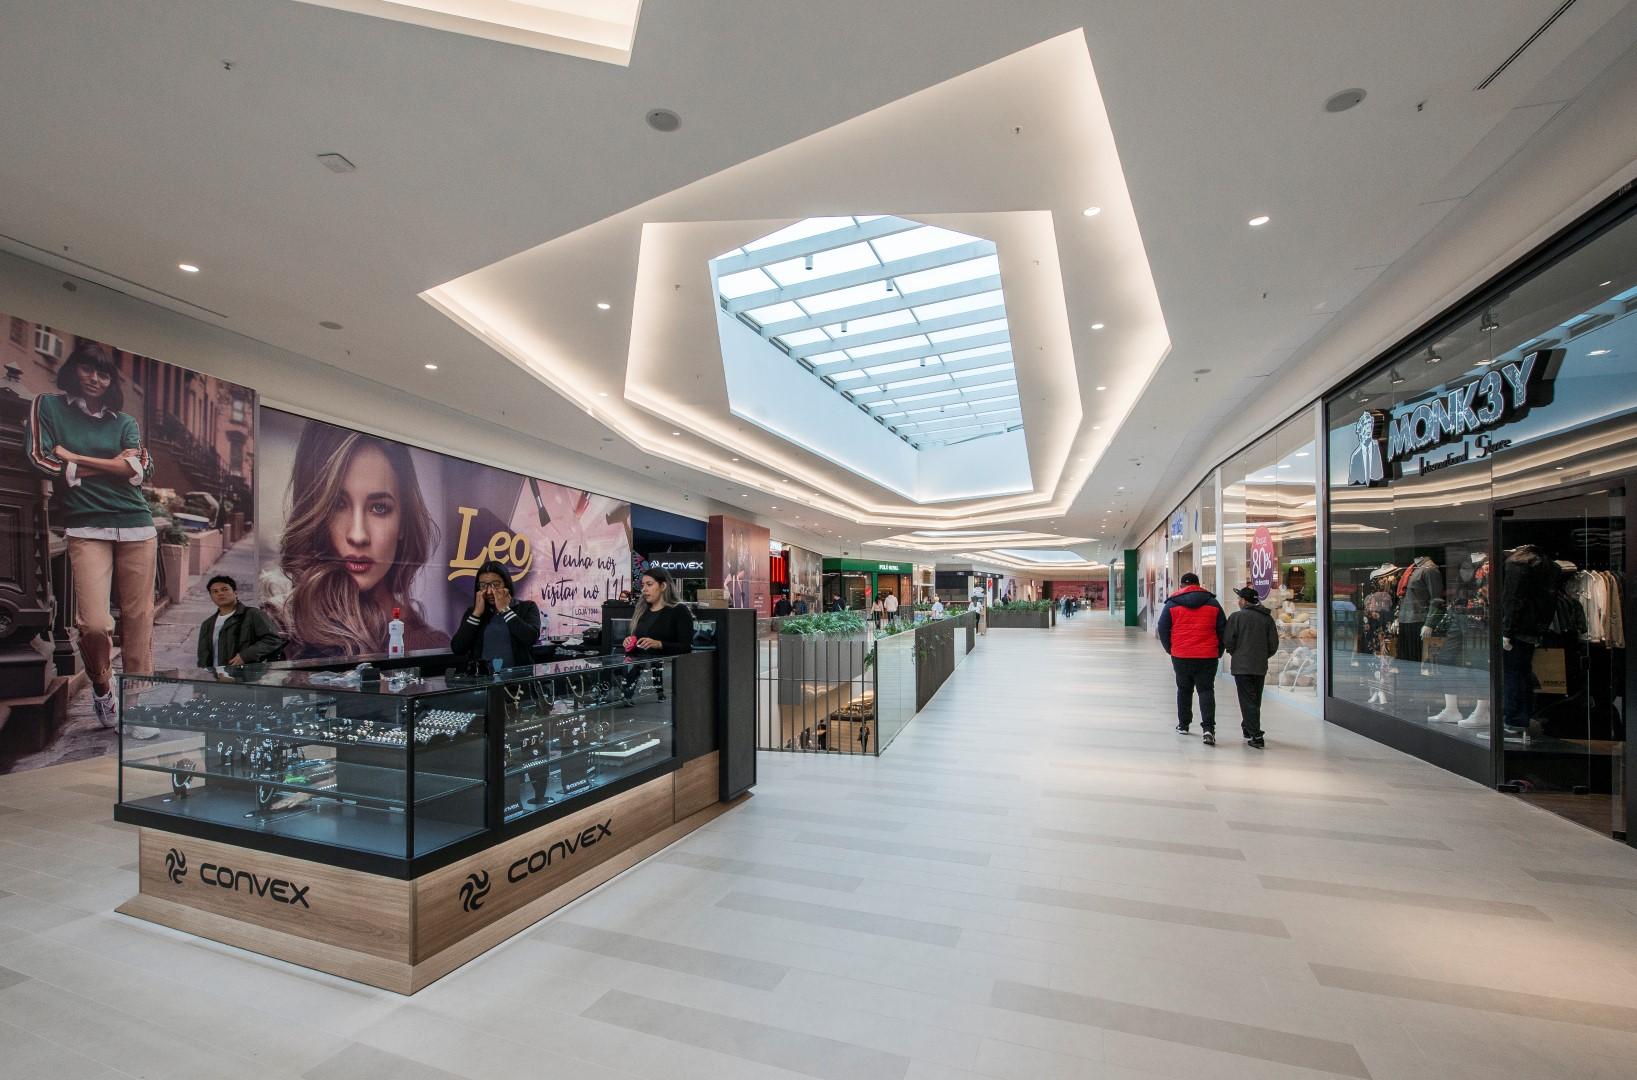 """Abundância de luz natural é conquistada com os """"rasgos"""" em toda a extensão do shopping. Foto: Letícia Akemi / Gazeta do Povo."""